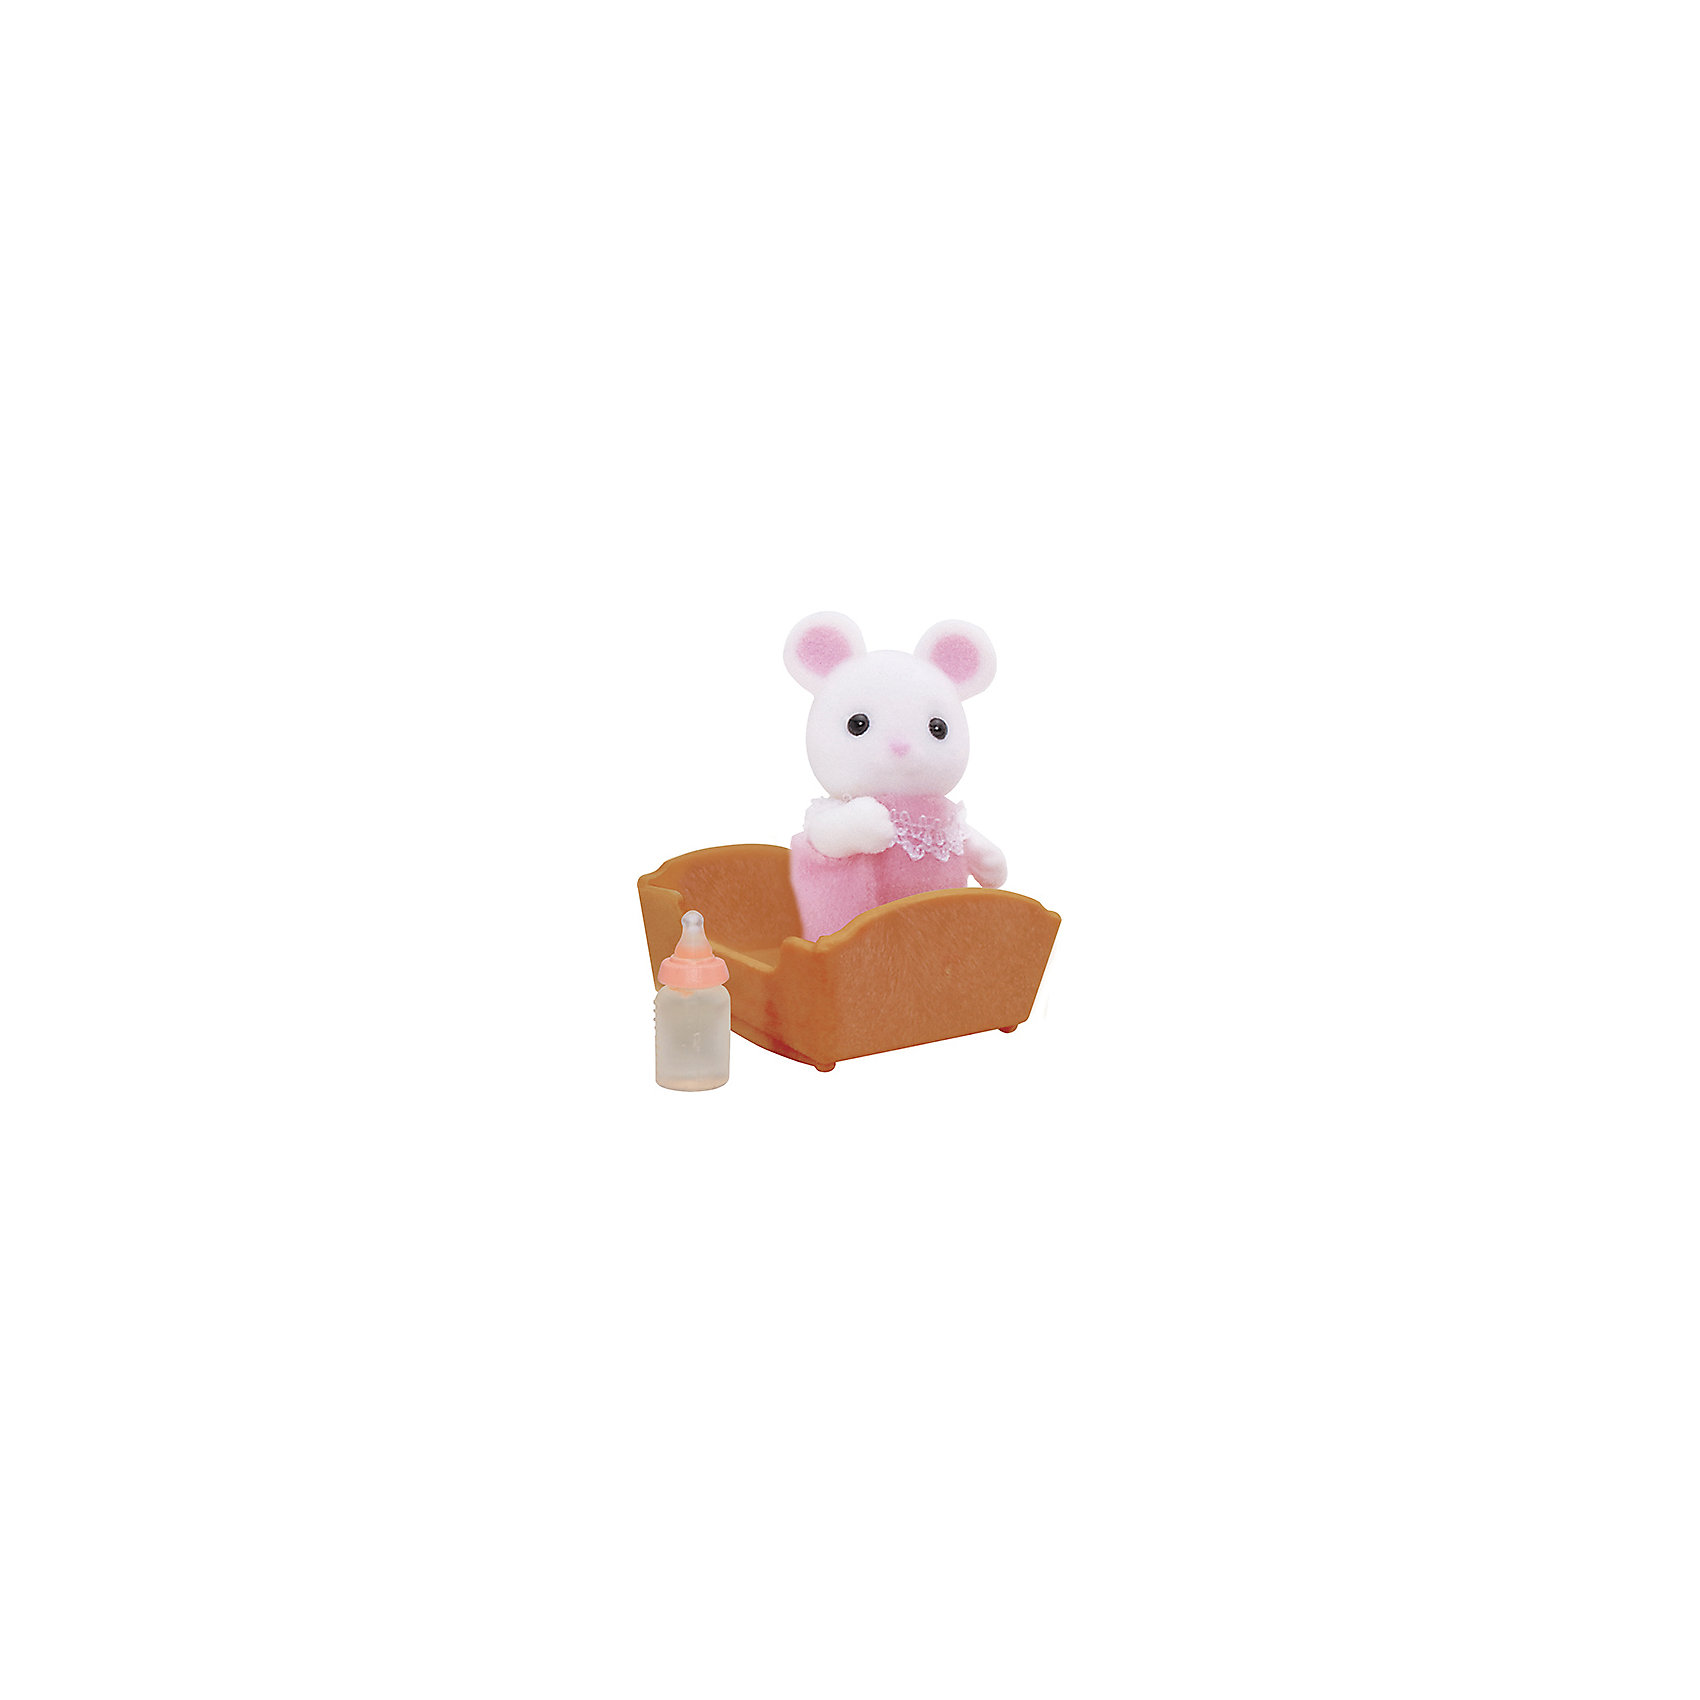 Набор Малыш Белый Мышонок Sylvanian FamiliesSylvanian Families<br>Малыш Белый Мышонок Sylvanian Families (Сильваниан Фамилиес) - сладкий малыш, о котором так и хочется позаботиться! Он одет в розовый комбинезончик с кружевами и любит спать в своей колыбельке, особенно зимой. Малыша нужно покормить из бутылочки и уложить спать в уютную кроватку.  <br>Голова малыша с черными глазками-бусинками поворачивается, а лапки двигаются.<br><br>В комплекте:<br>- Малыш Белый Мышонок высотой 3,5 см<br>- колыбелька<br>- бутылочка <br>Дополнительная информация:<br>Размер коробки: 8 х 4 х 12 см.<br><br> Материал: высококачественная пластмасса, ПВХ с полимерным напылением, текстиль. <br><br>Ваш ребенок будет в восторге от этого малыша!<br><br>Ширина мм: 122<br>Глубина мм: 76<br>Высота мм: 35<br>Вес г: 37<br>Возраст от месяцев: 36<br>Возраст до месяцев: 72<br>Пол: Женский<br>Возраст: Детский<br>SKU: 2531415